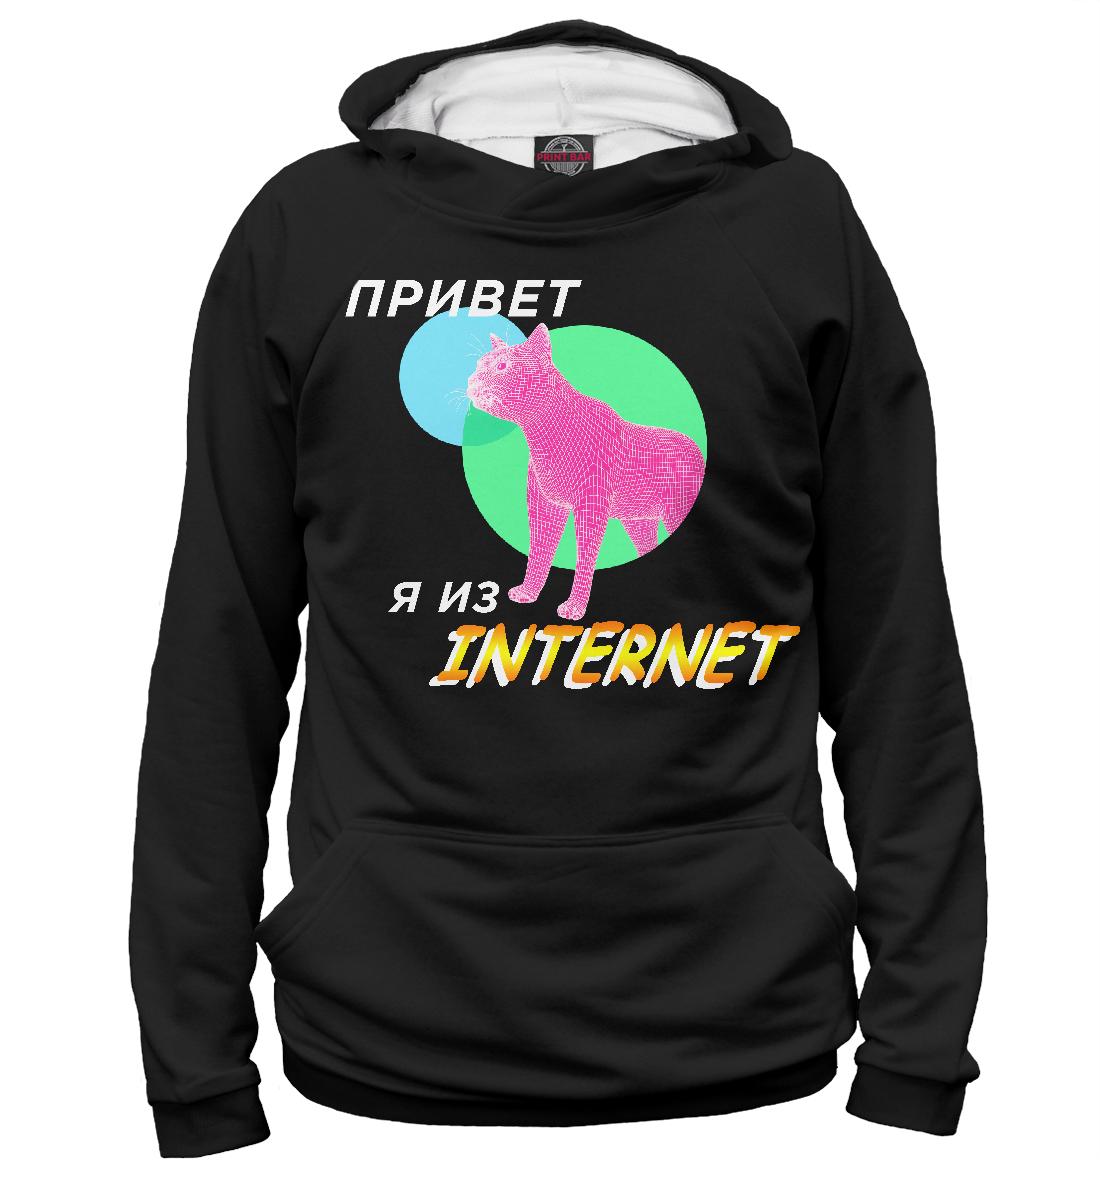 Купить Привет я из internet black, Printbar, Худи, APD-679166-hud-2